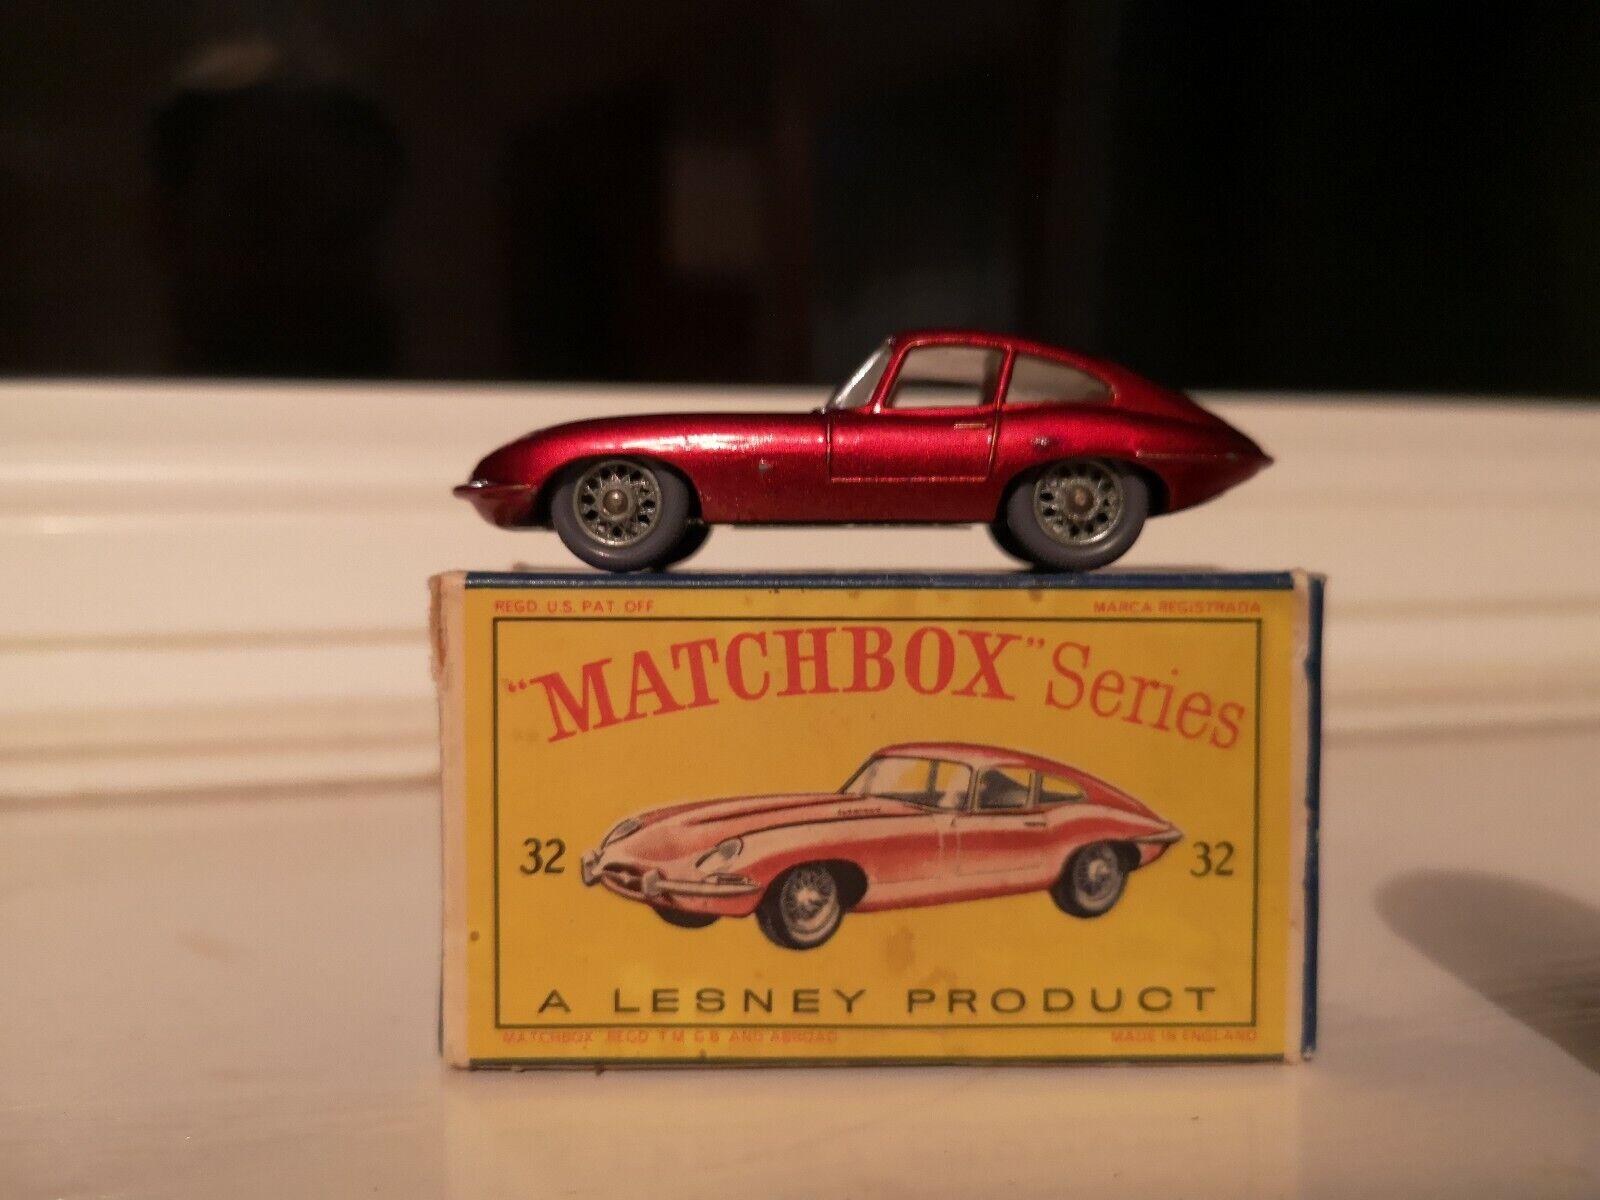 ORIGINALE, in scatola, LESNEY MATCHBOX e Tipo Jaguar No.32. ottime CONDIZIONI.